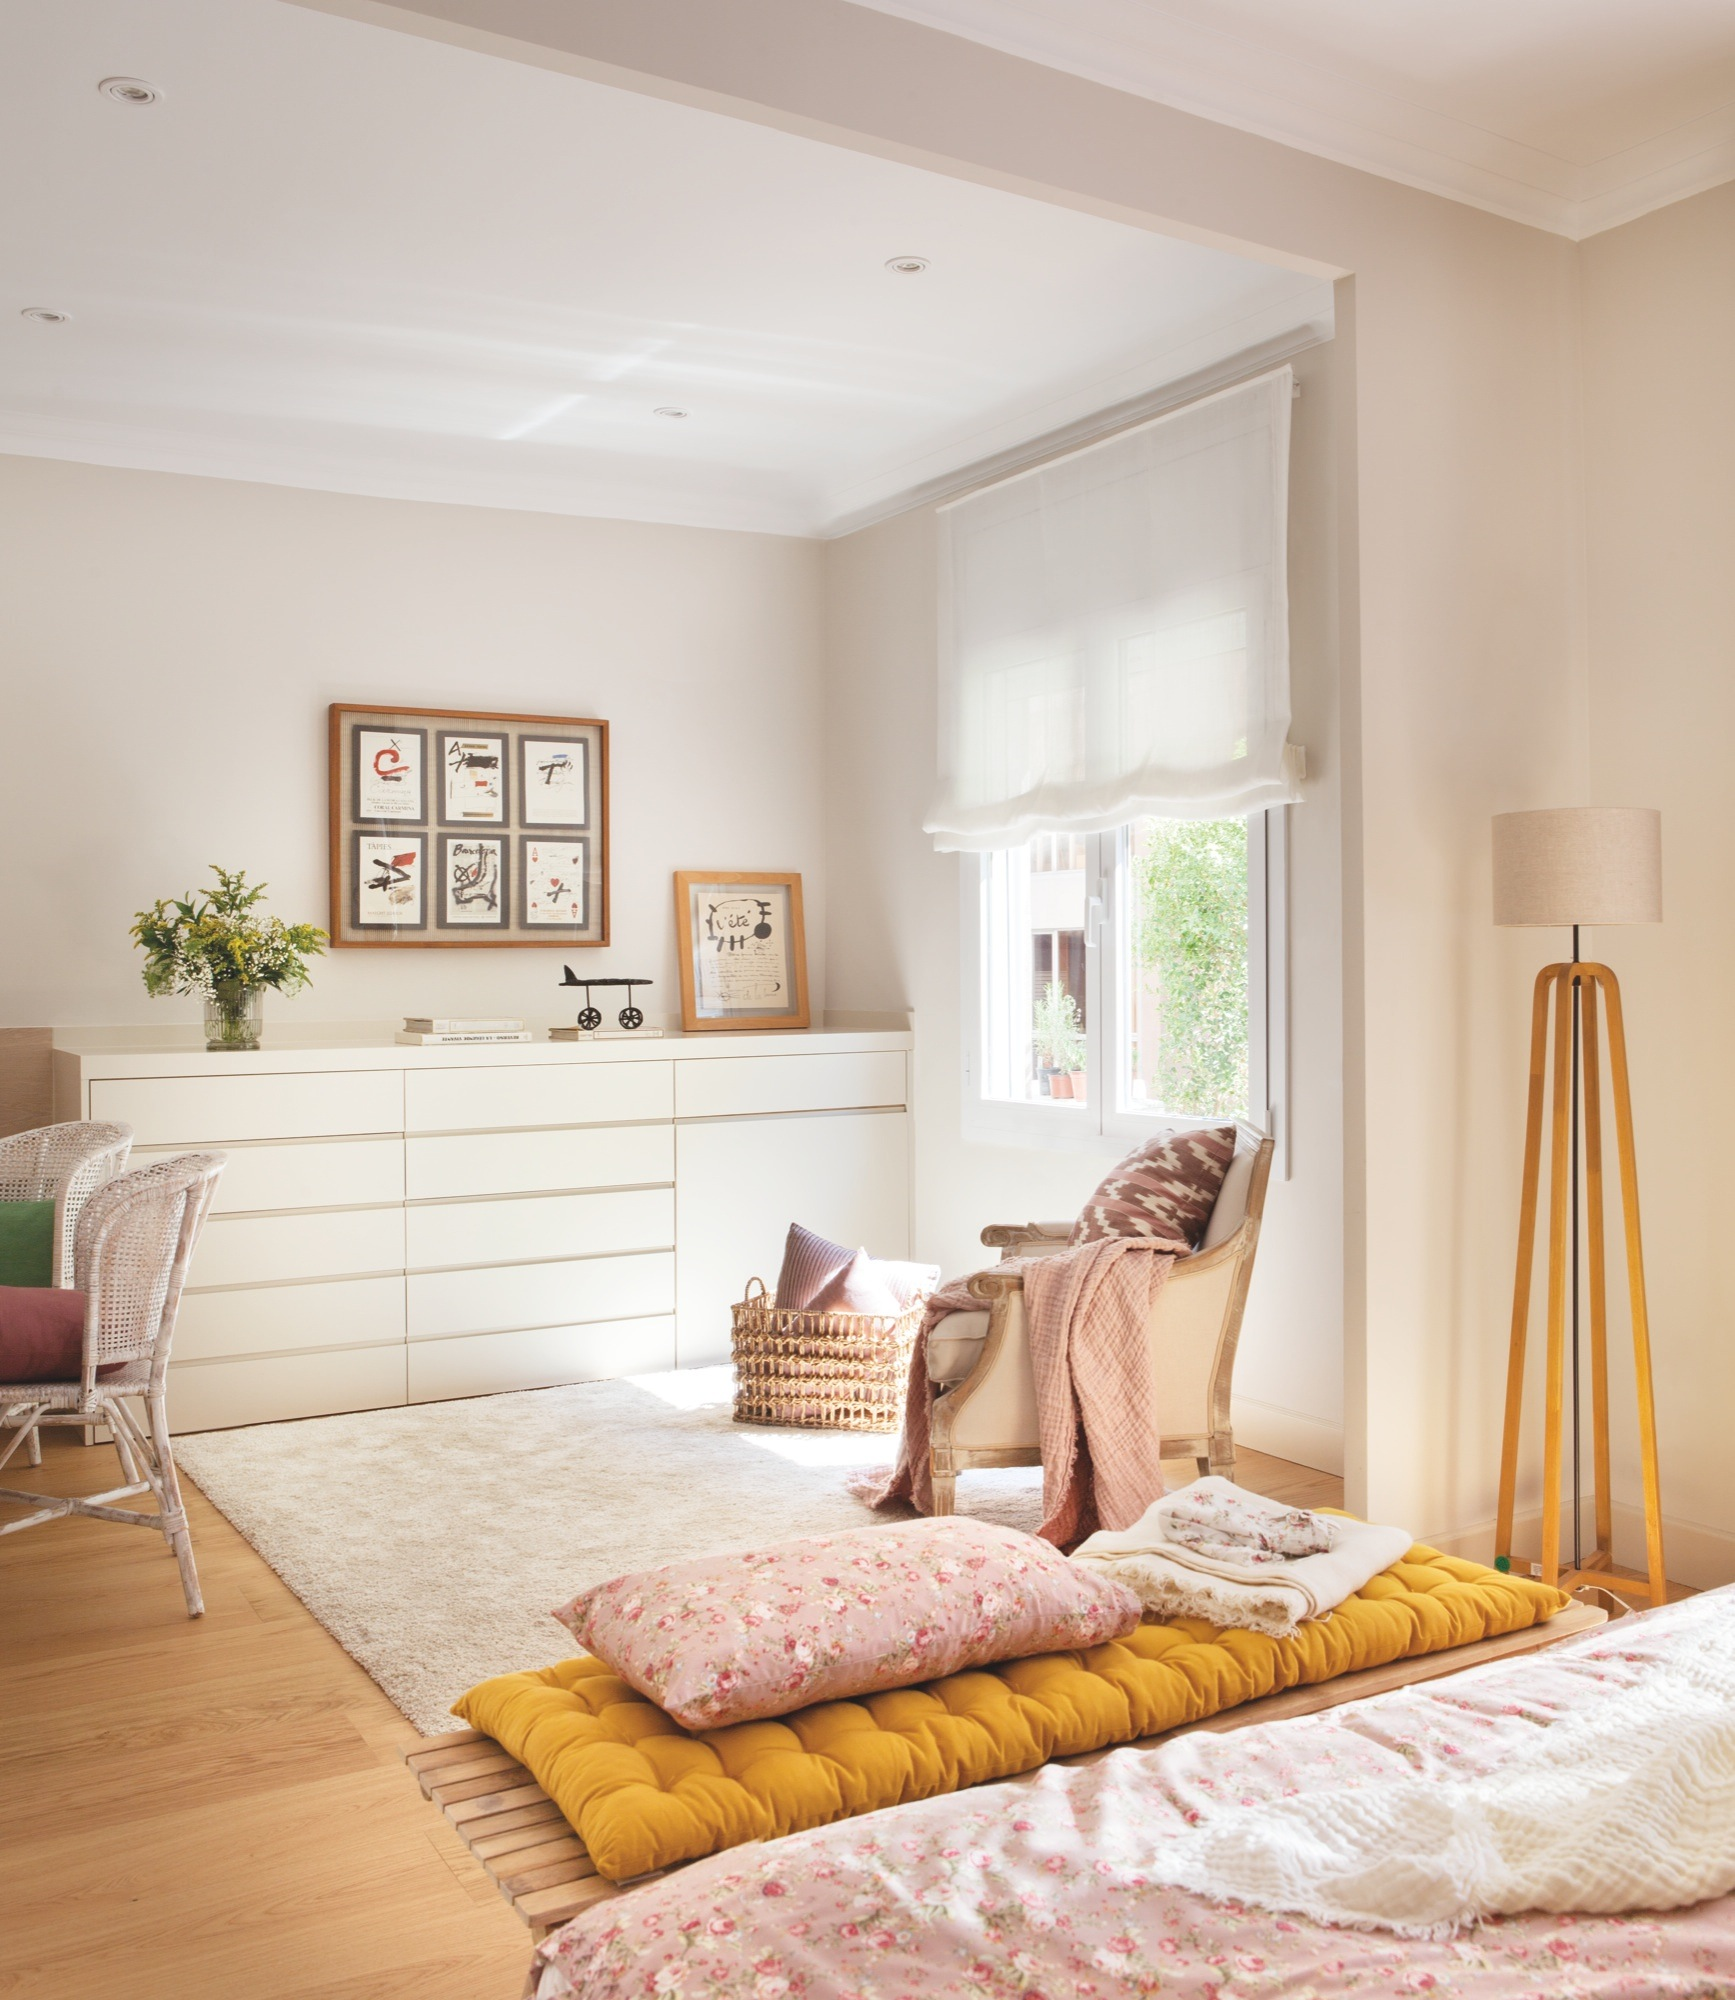 Una casa para nueva etapa sin hijos - Cojines grandes para cama ...